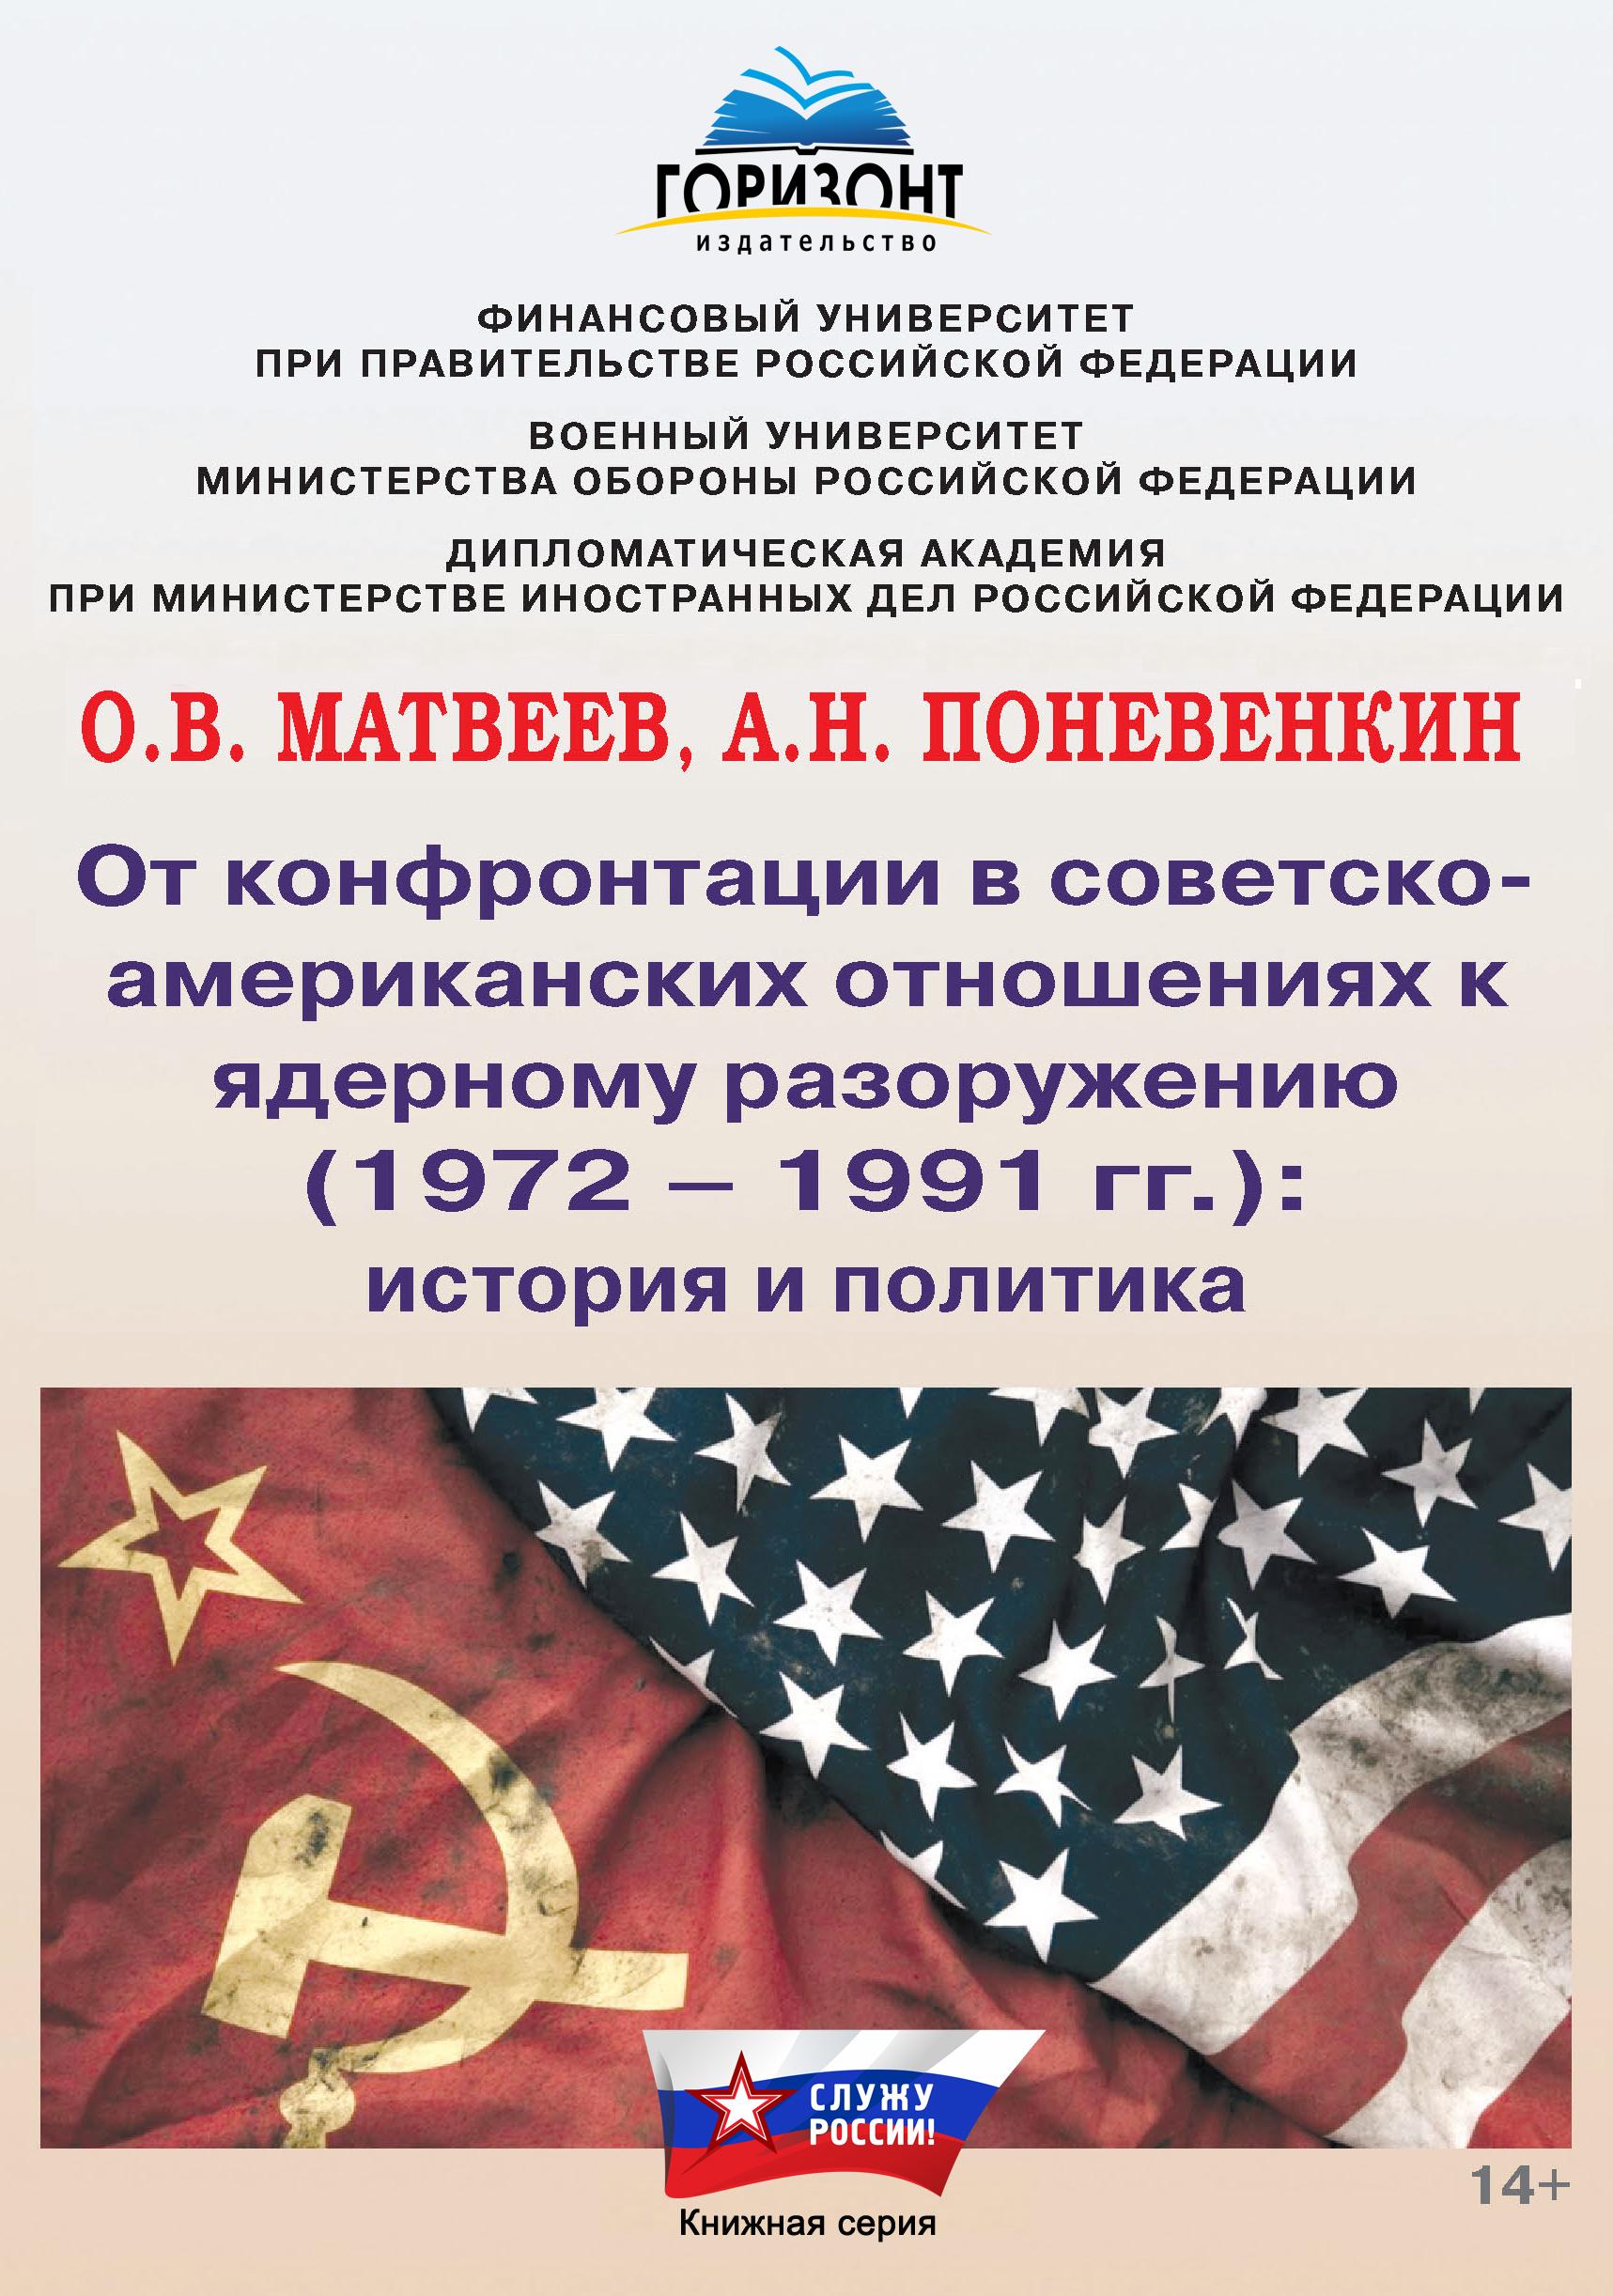 цена О. В. Матвеев От конфронтации в советско-американских отношениях к ядерному разоружению (1972–1991 гг.): история и политика онлайн в 2017 году